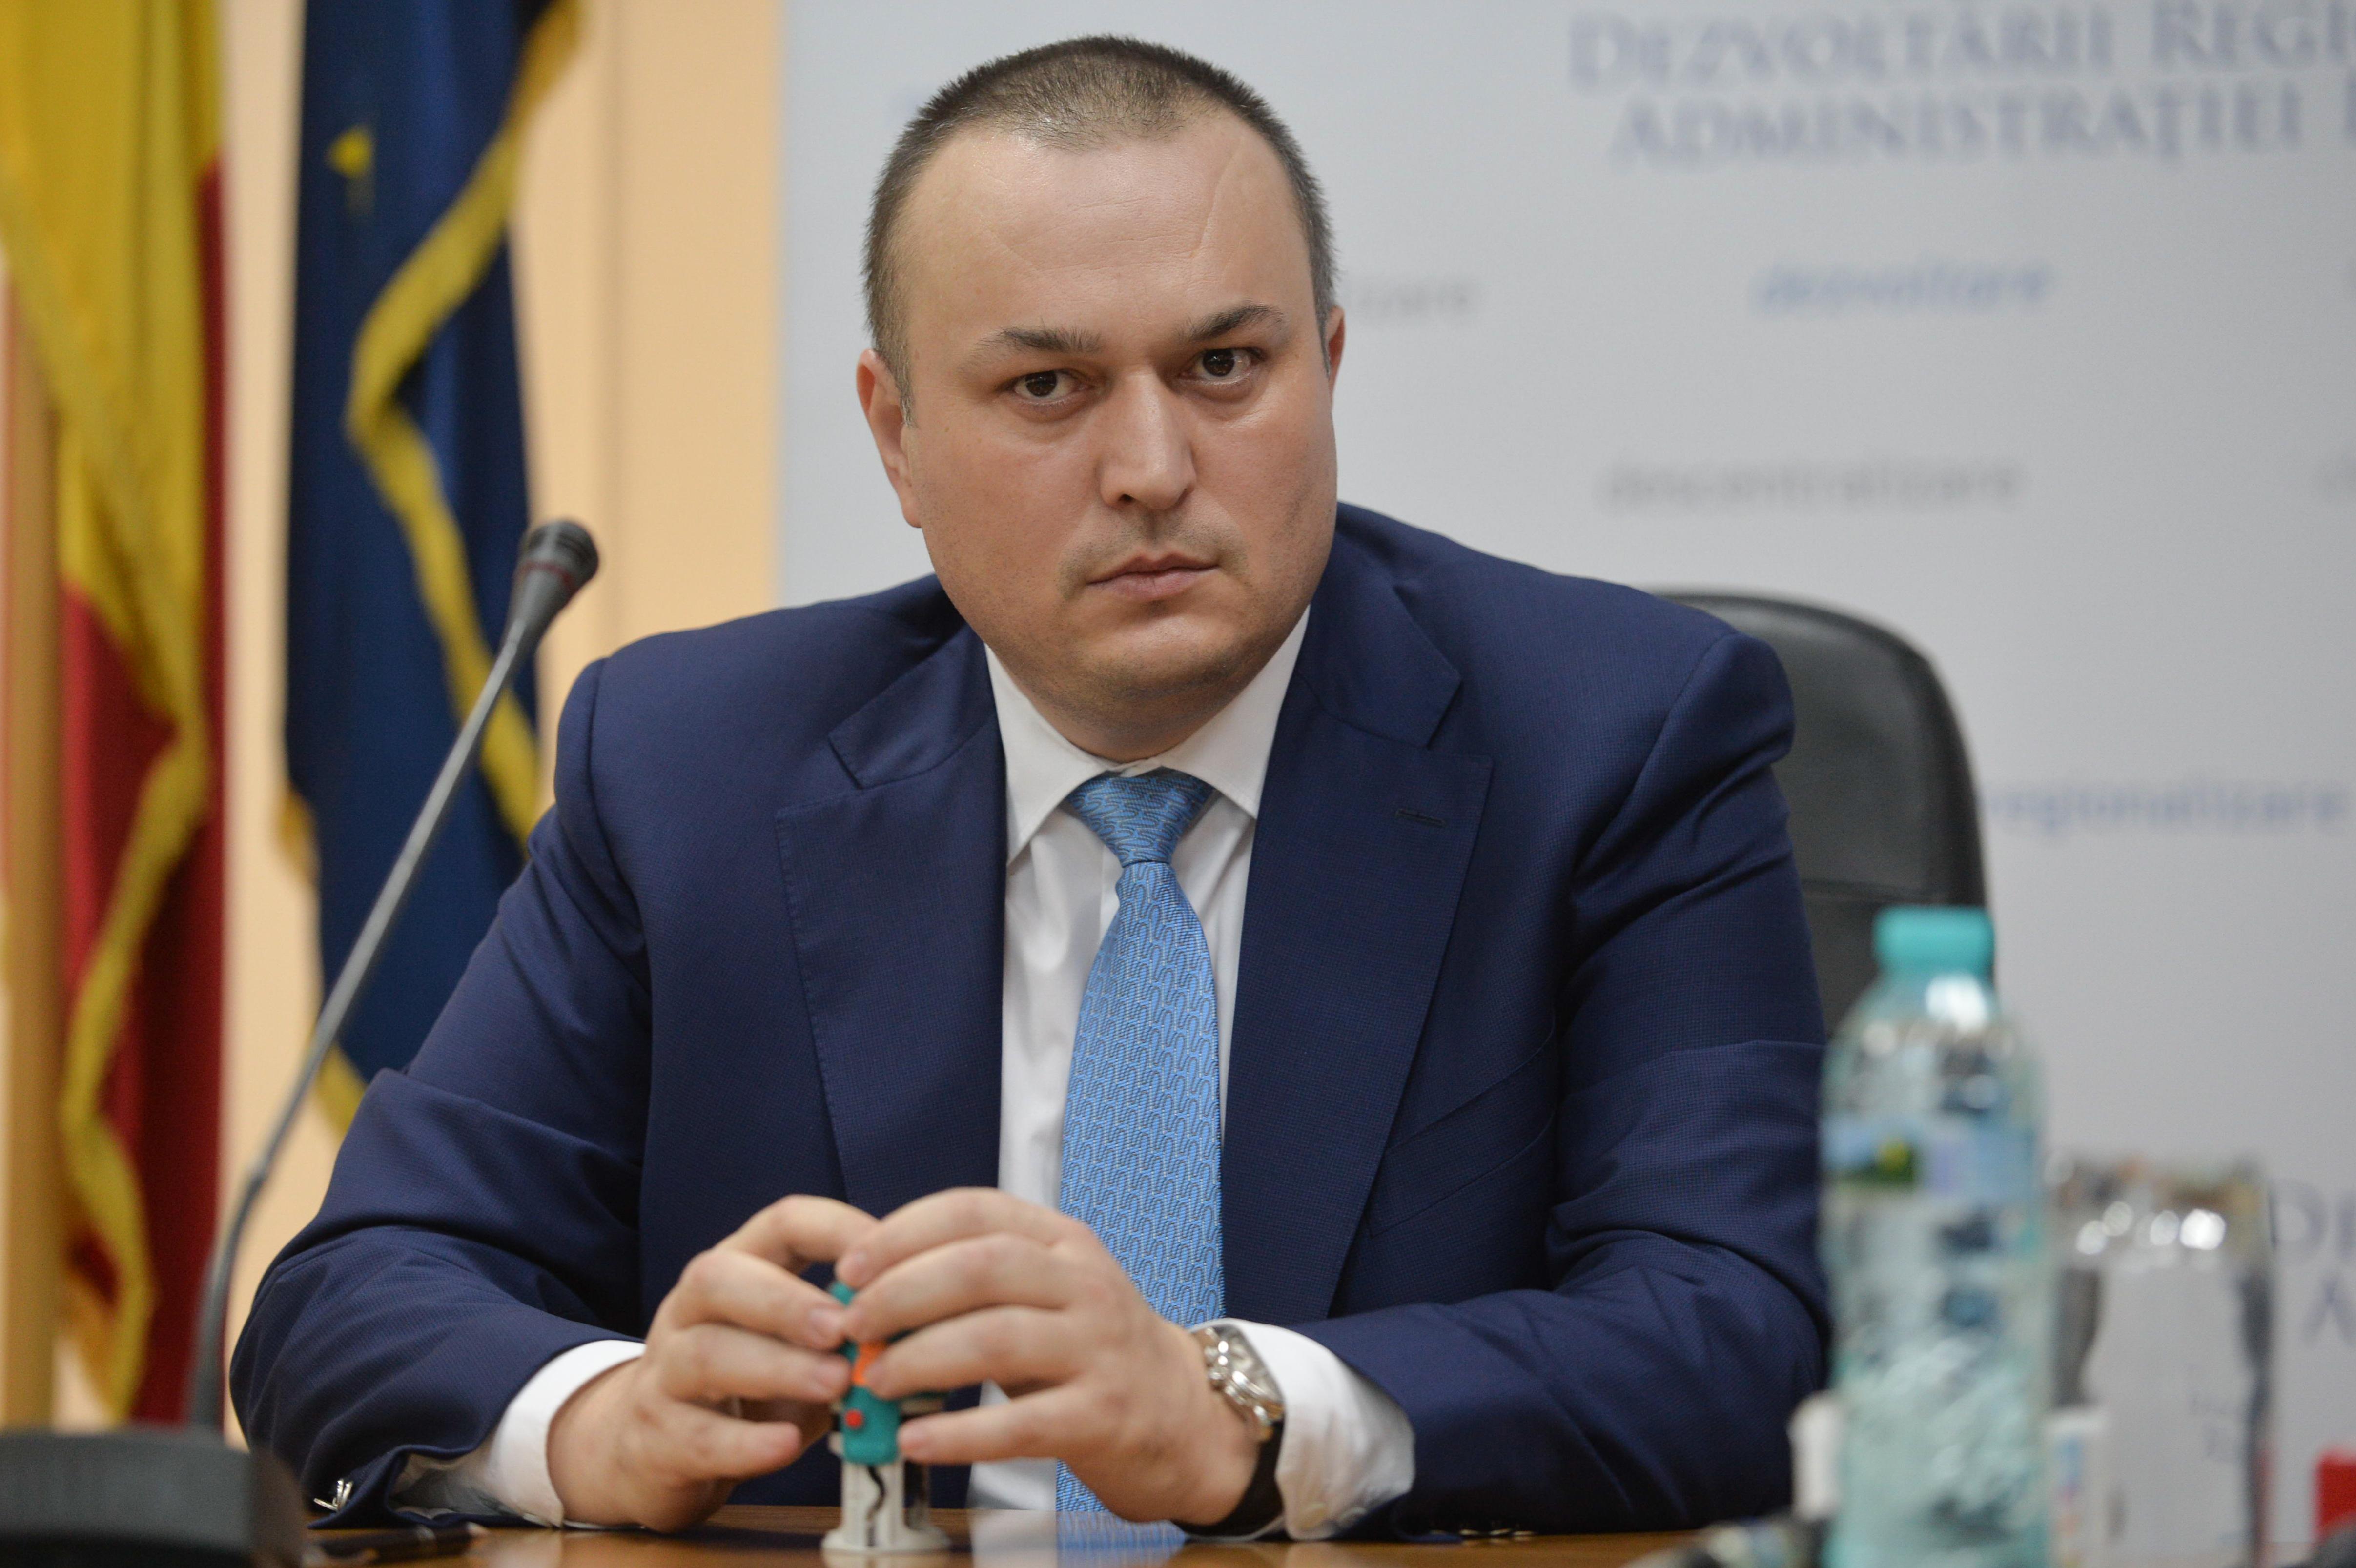 Fostul primar din Ploiesti a demisionat din PSD